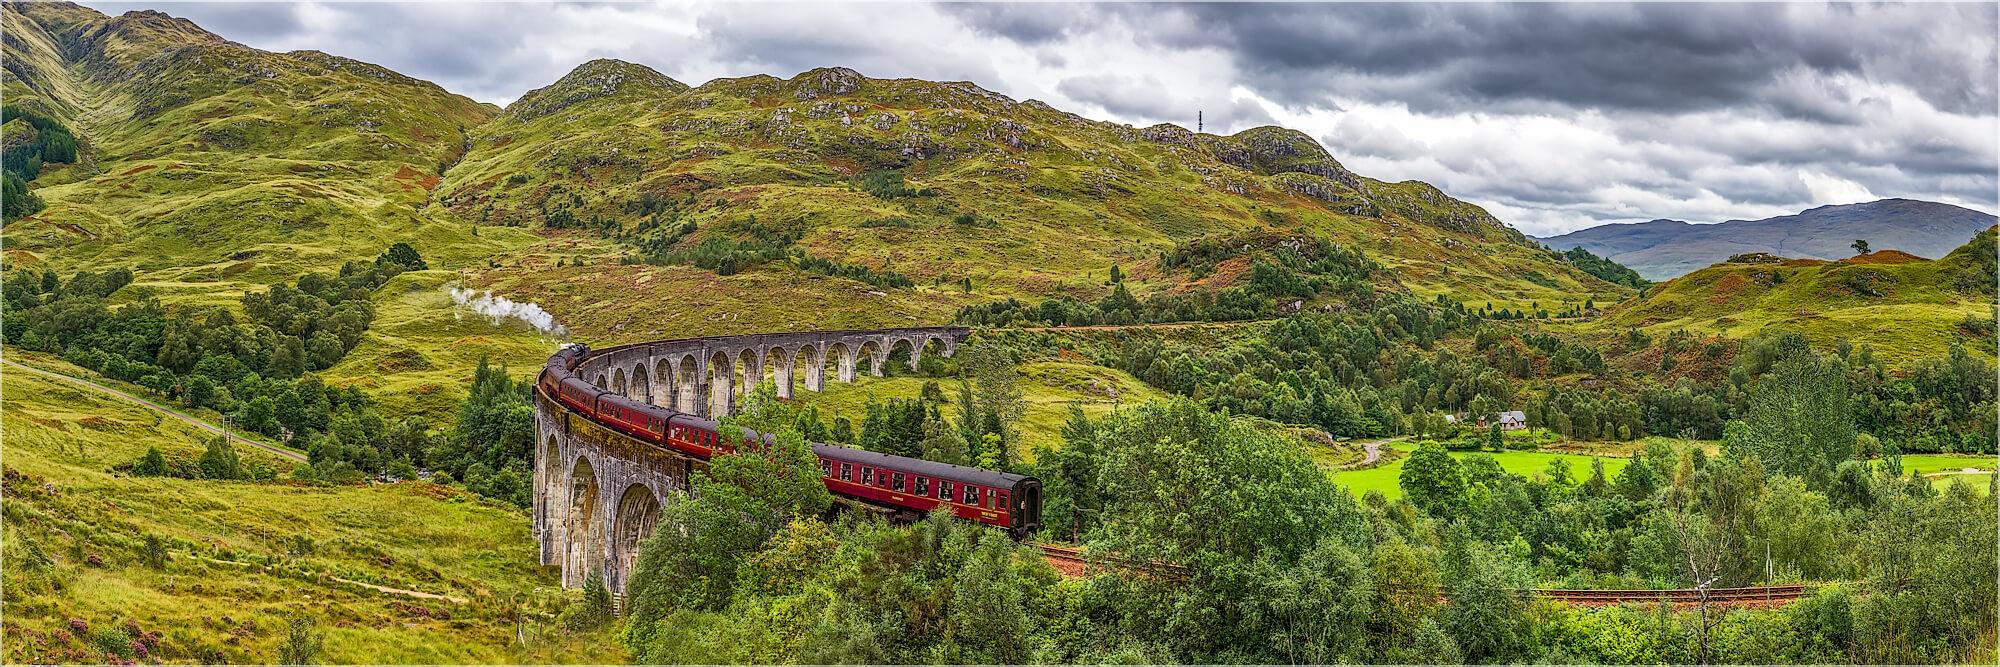 Panoramafoto Schottland Glenfinan Viadukt Jacobite Train